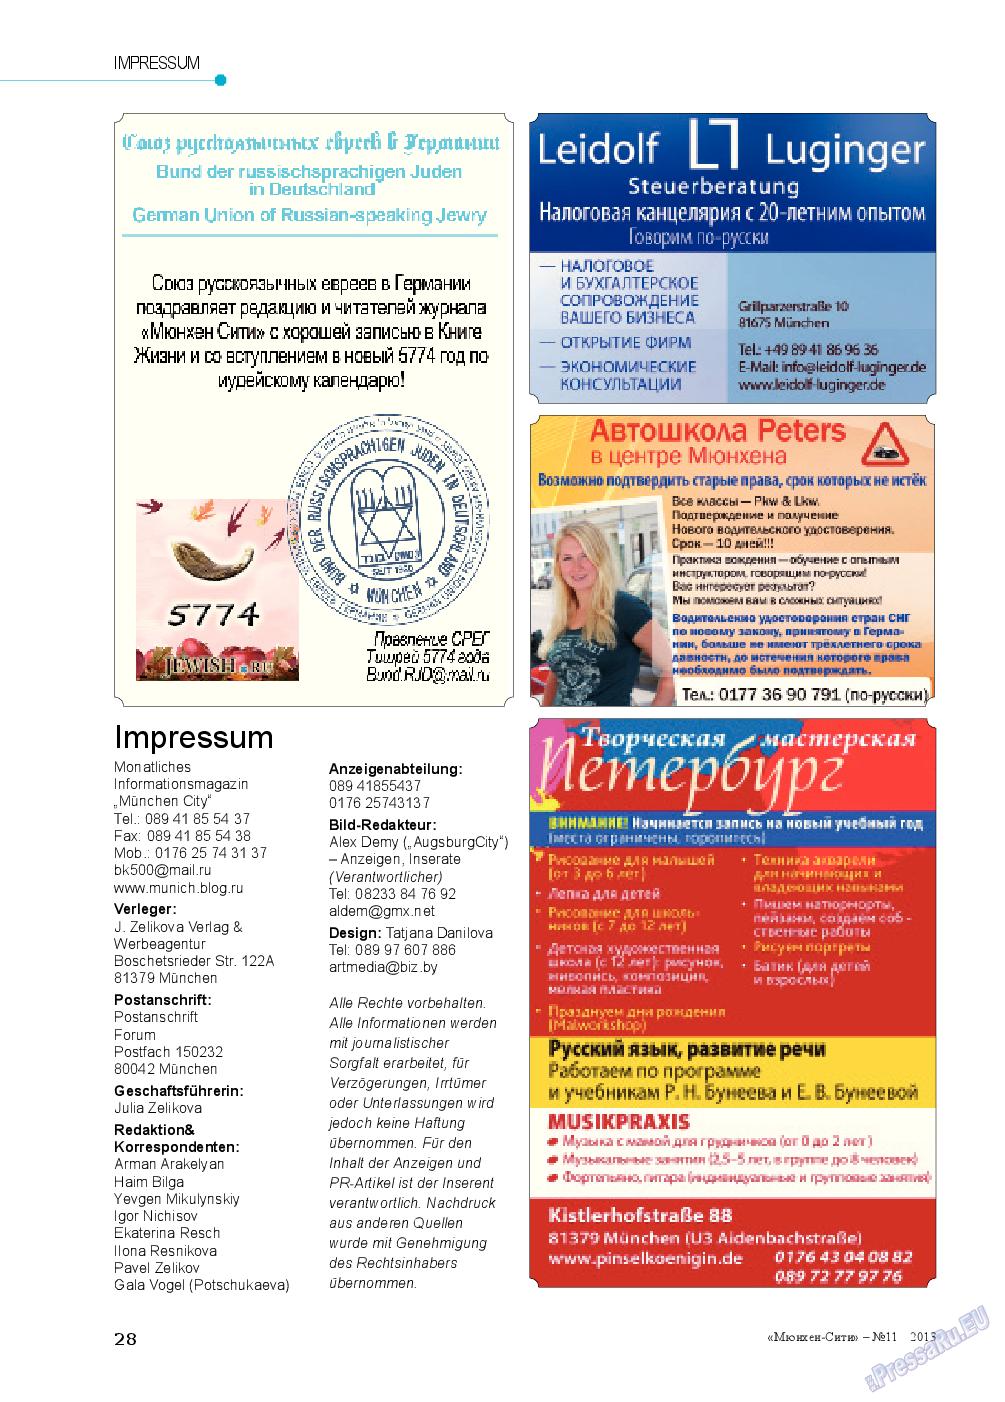 Мюнхен-сити (журнал). 2013 год, номер 11, стр. 28